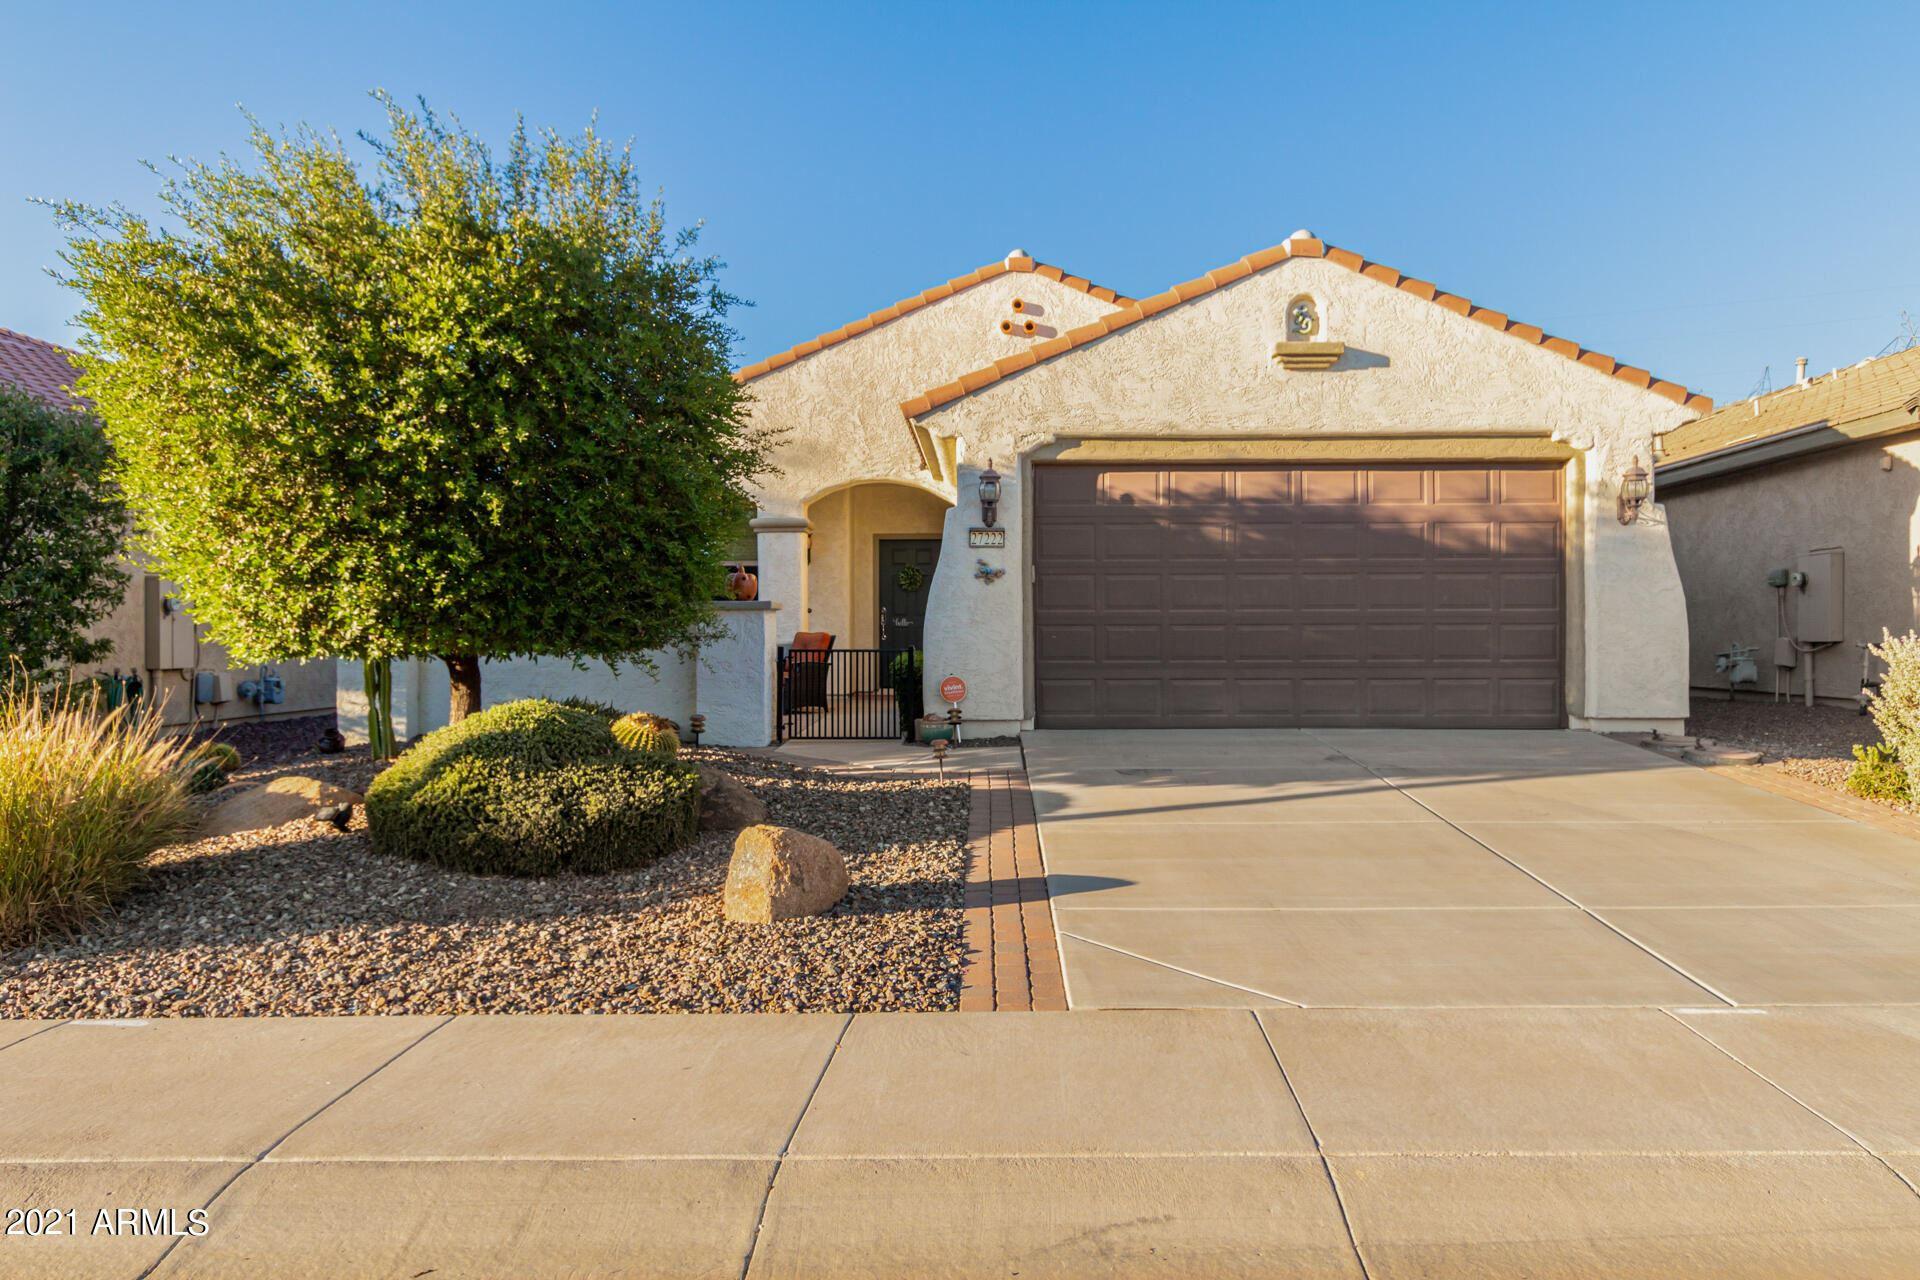 Photo of 27222 W ROSS Avenue, Buckeye, AZ 85396 (MLS # 6307795)